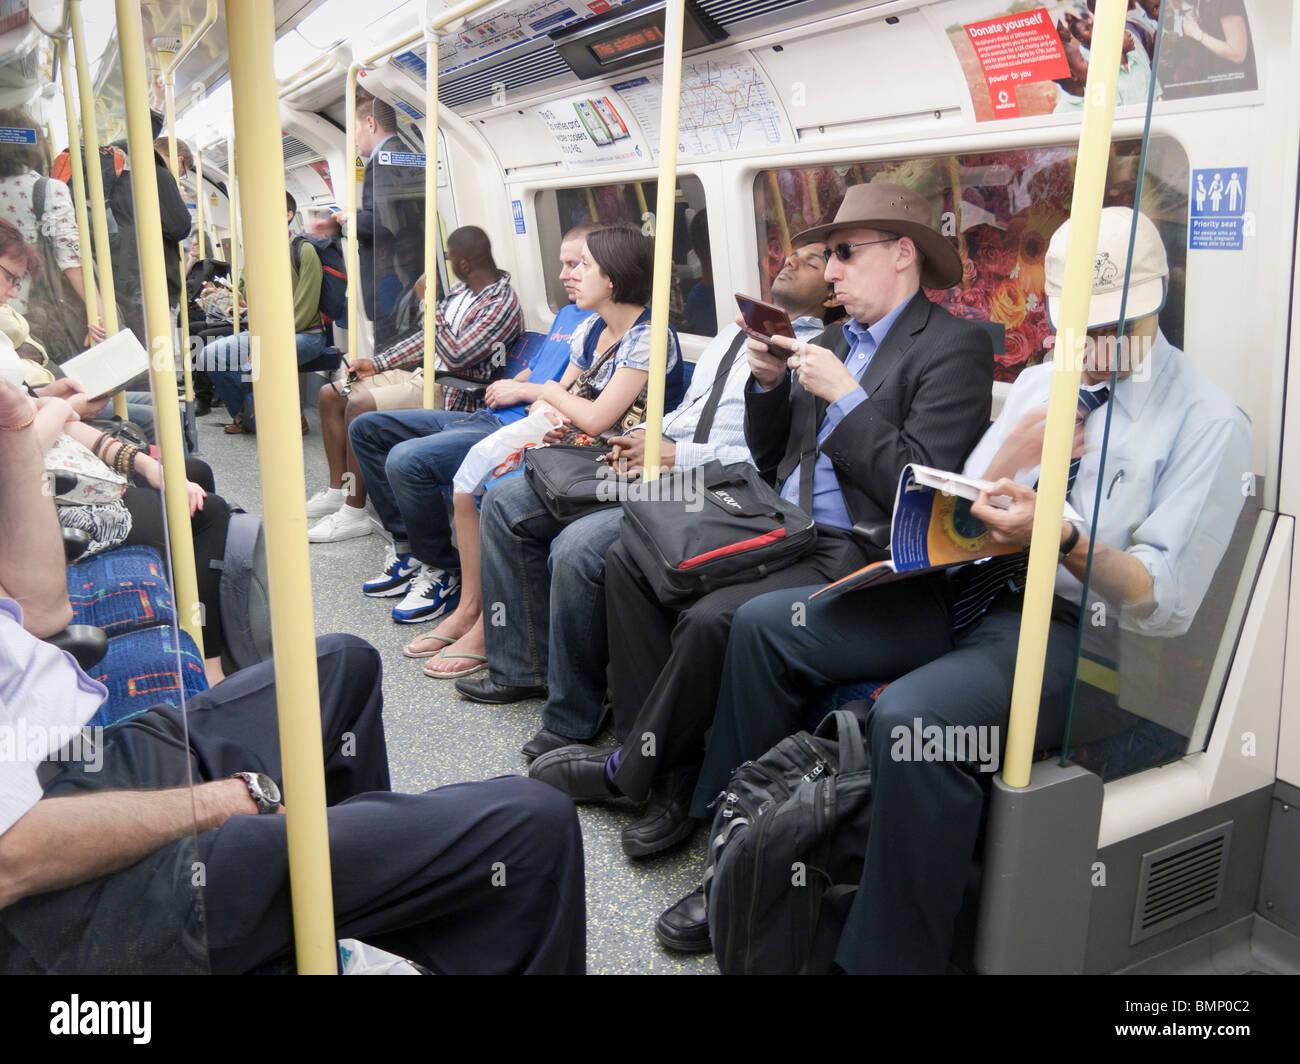 Les gens sur le métro de Londres train, Londres, Royaume-Uni Photo Stock